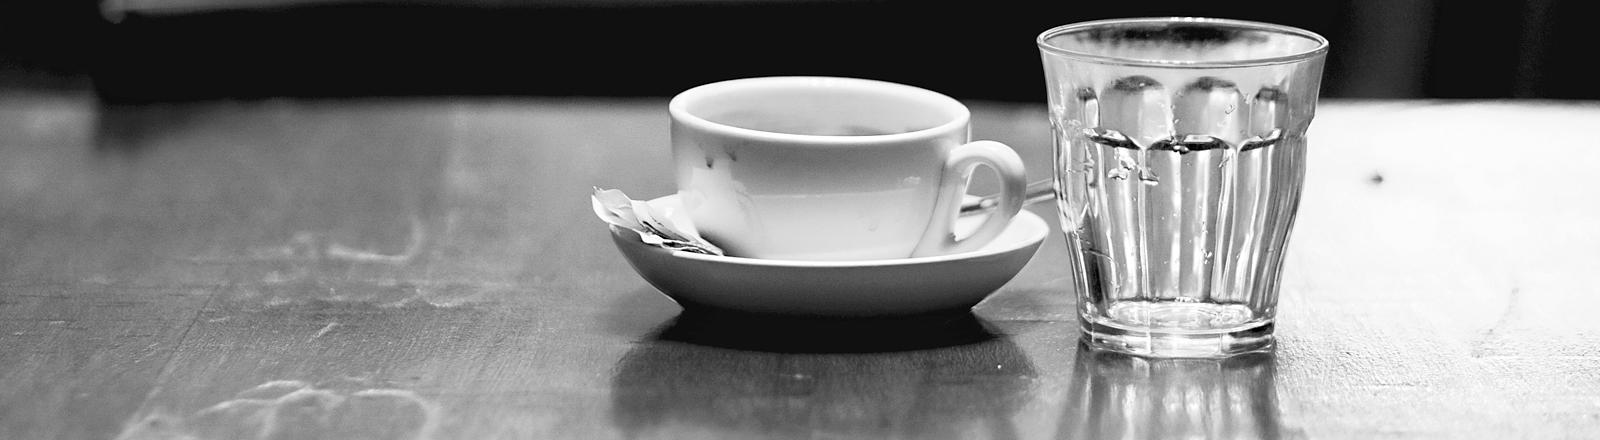 Leere Kafeetasse und leeres Glas